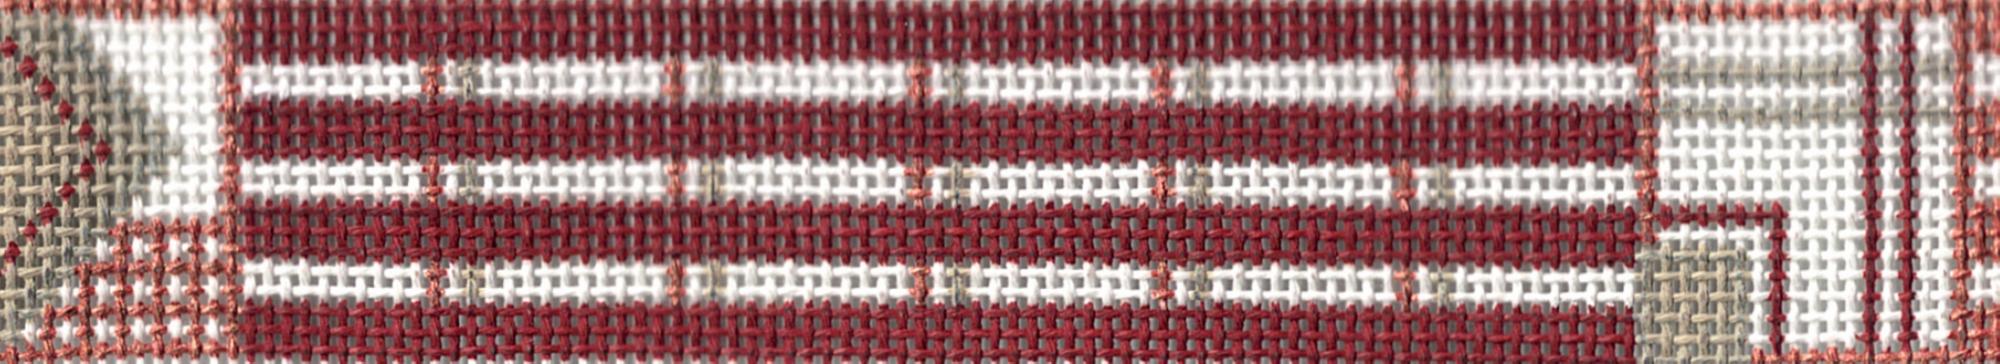 Geometric Matrix Belt - 18M